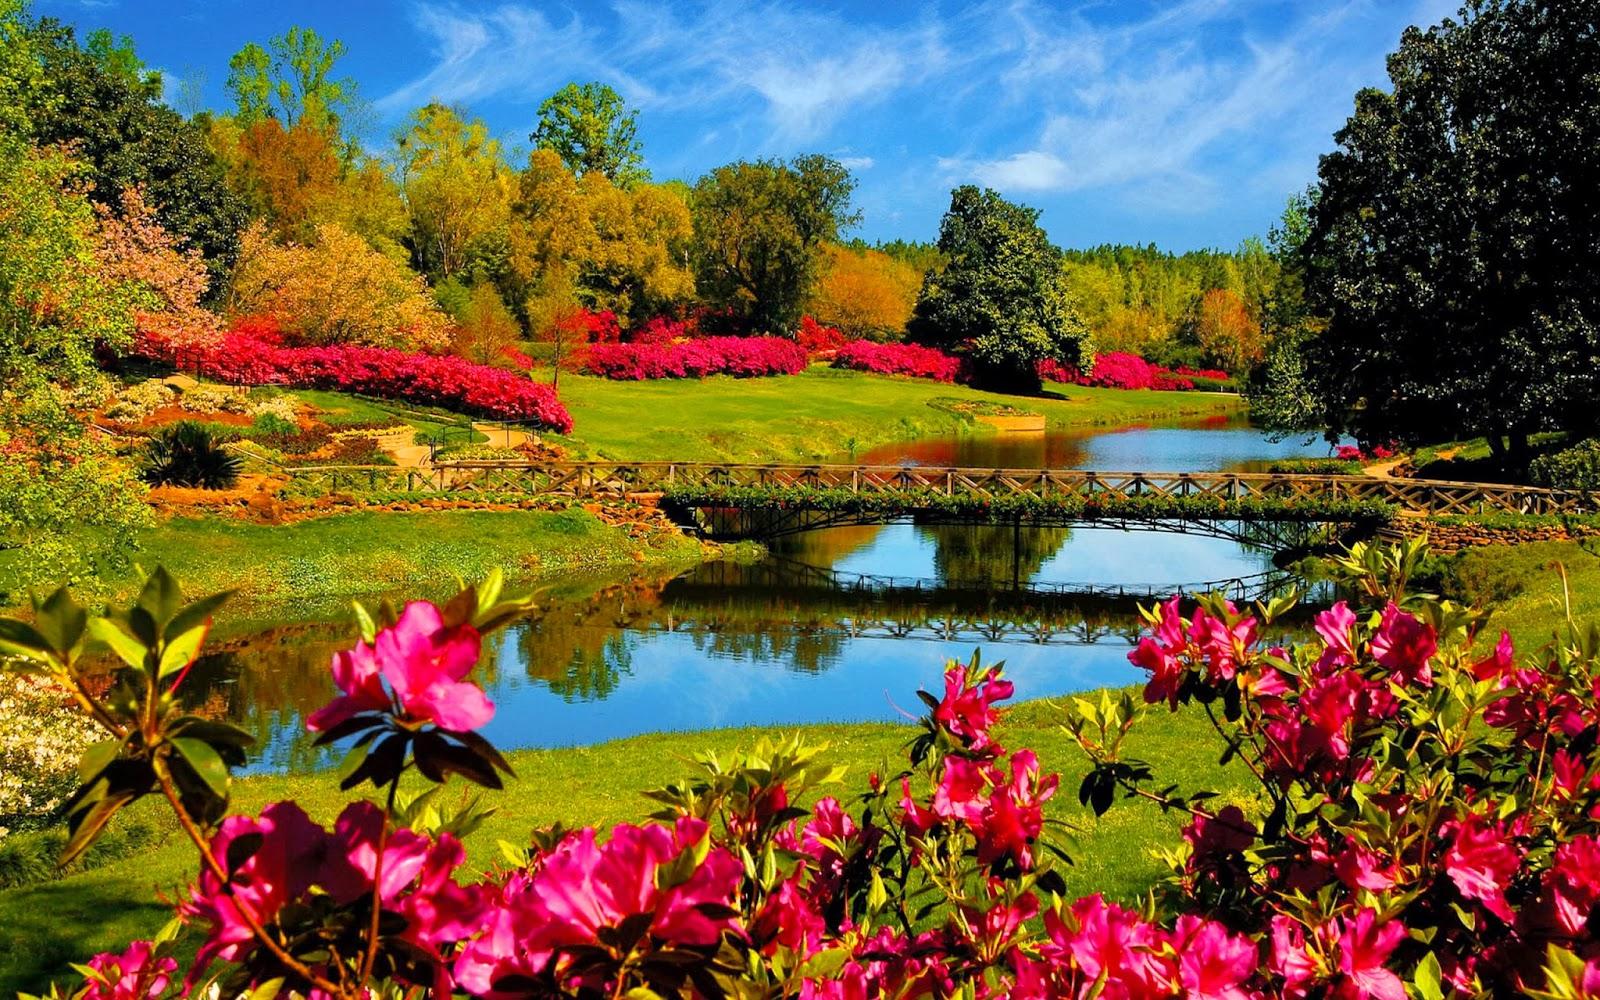 Achtergrond met park met brug, water en bloemen